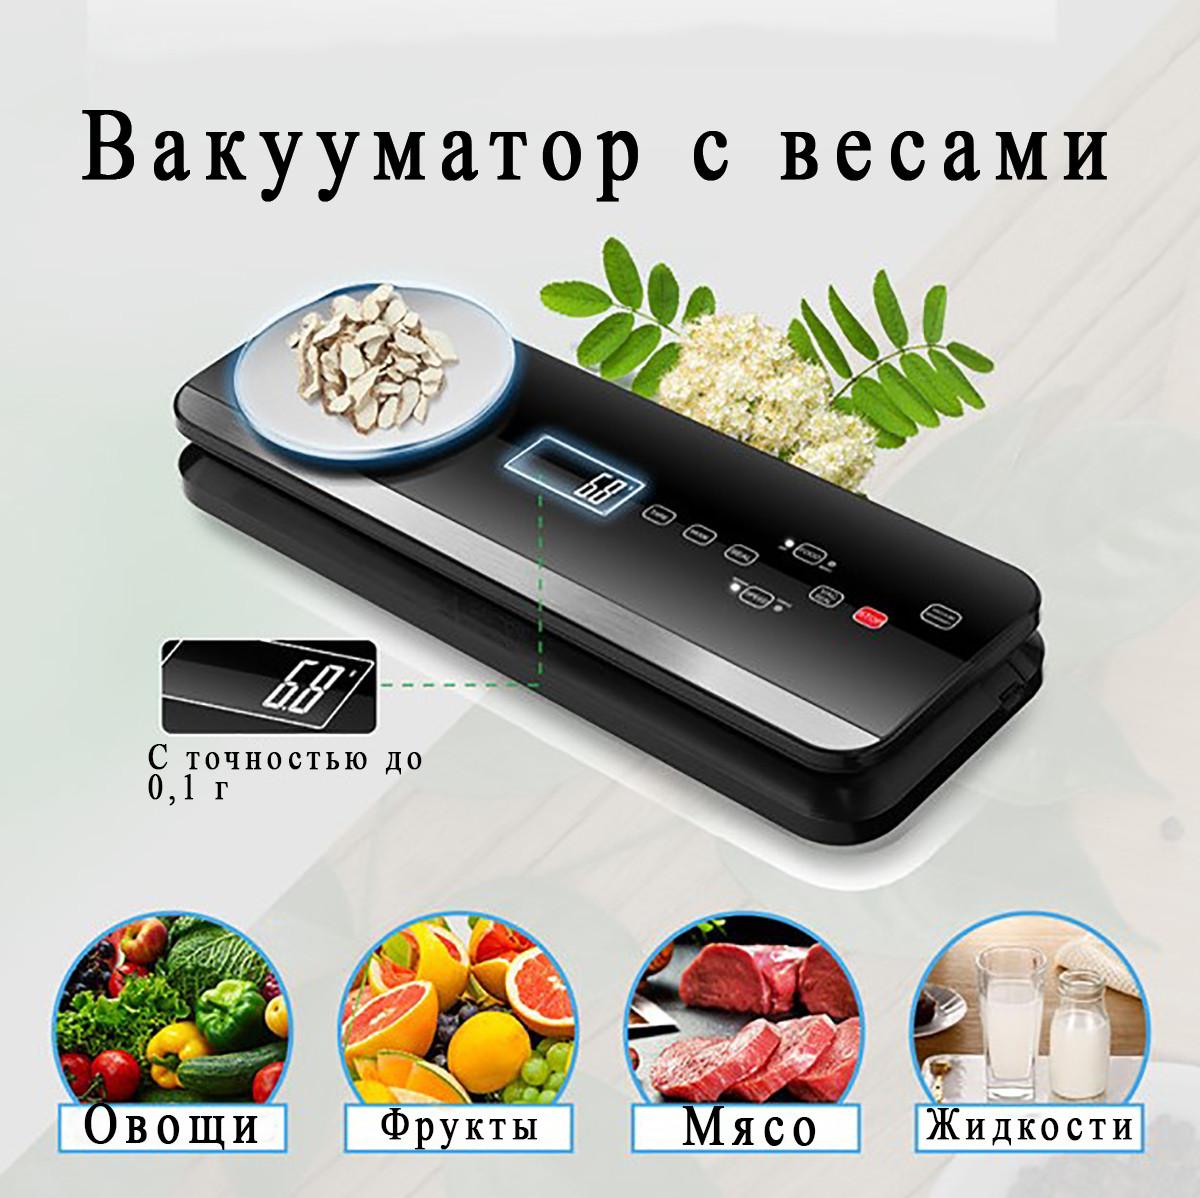 Вакууматор пакувальник їжі з пакетами Wi-simple VS6680 з вбудованими вагами. Вакуумний пакувальник для дому